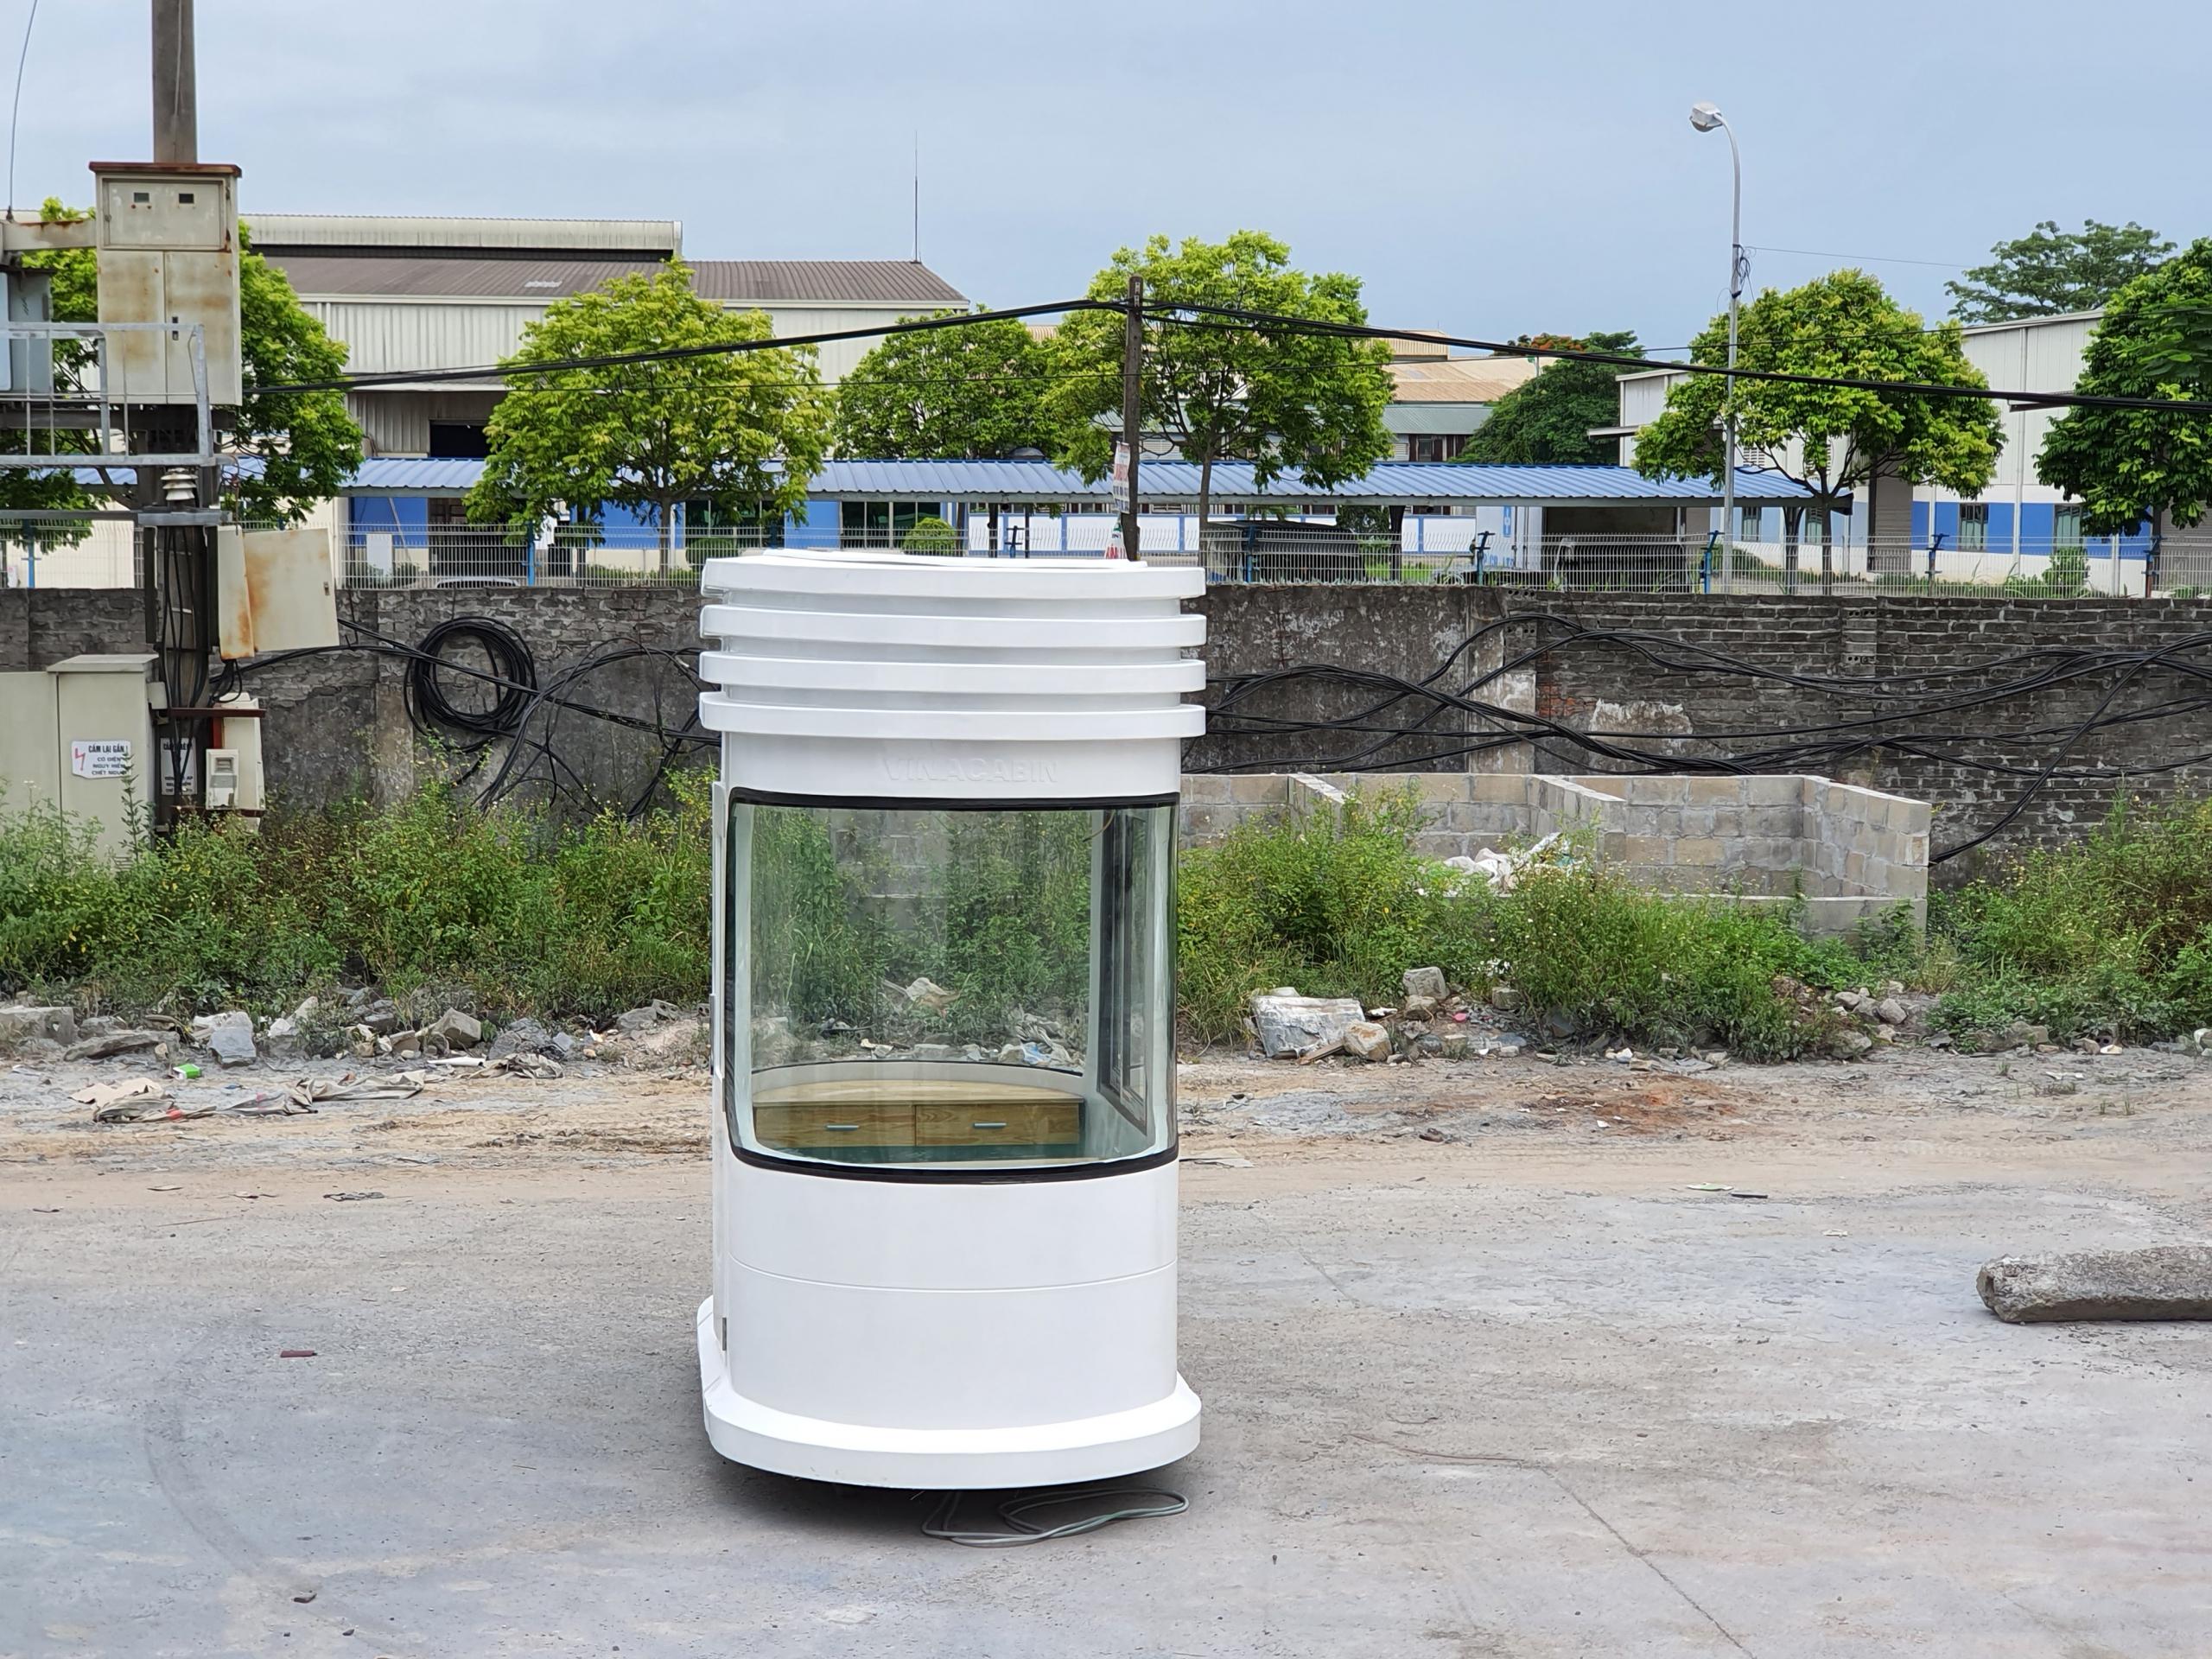 Lắp đặt cabin bảo vệ tại Tiền Giang